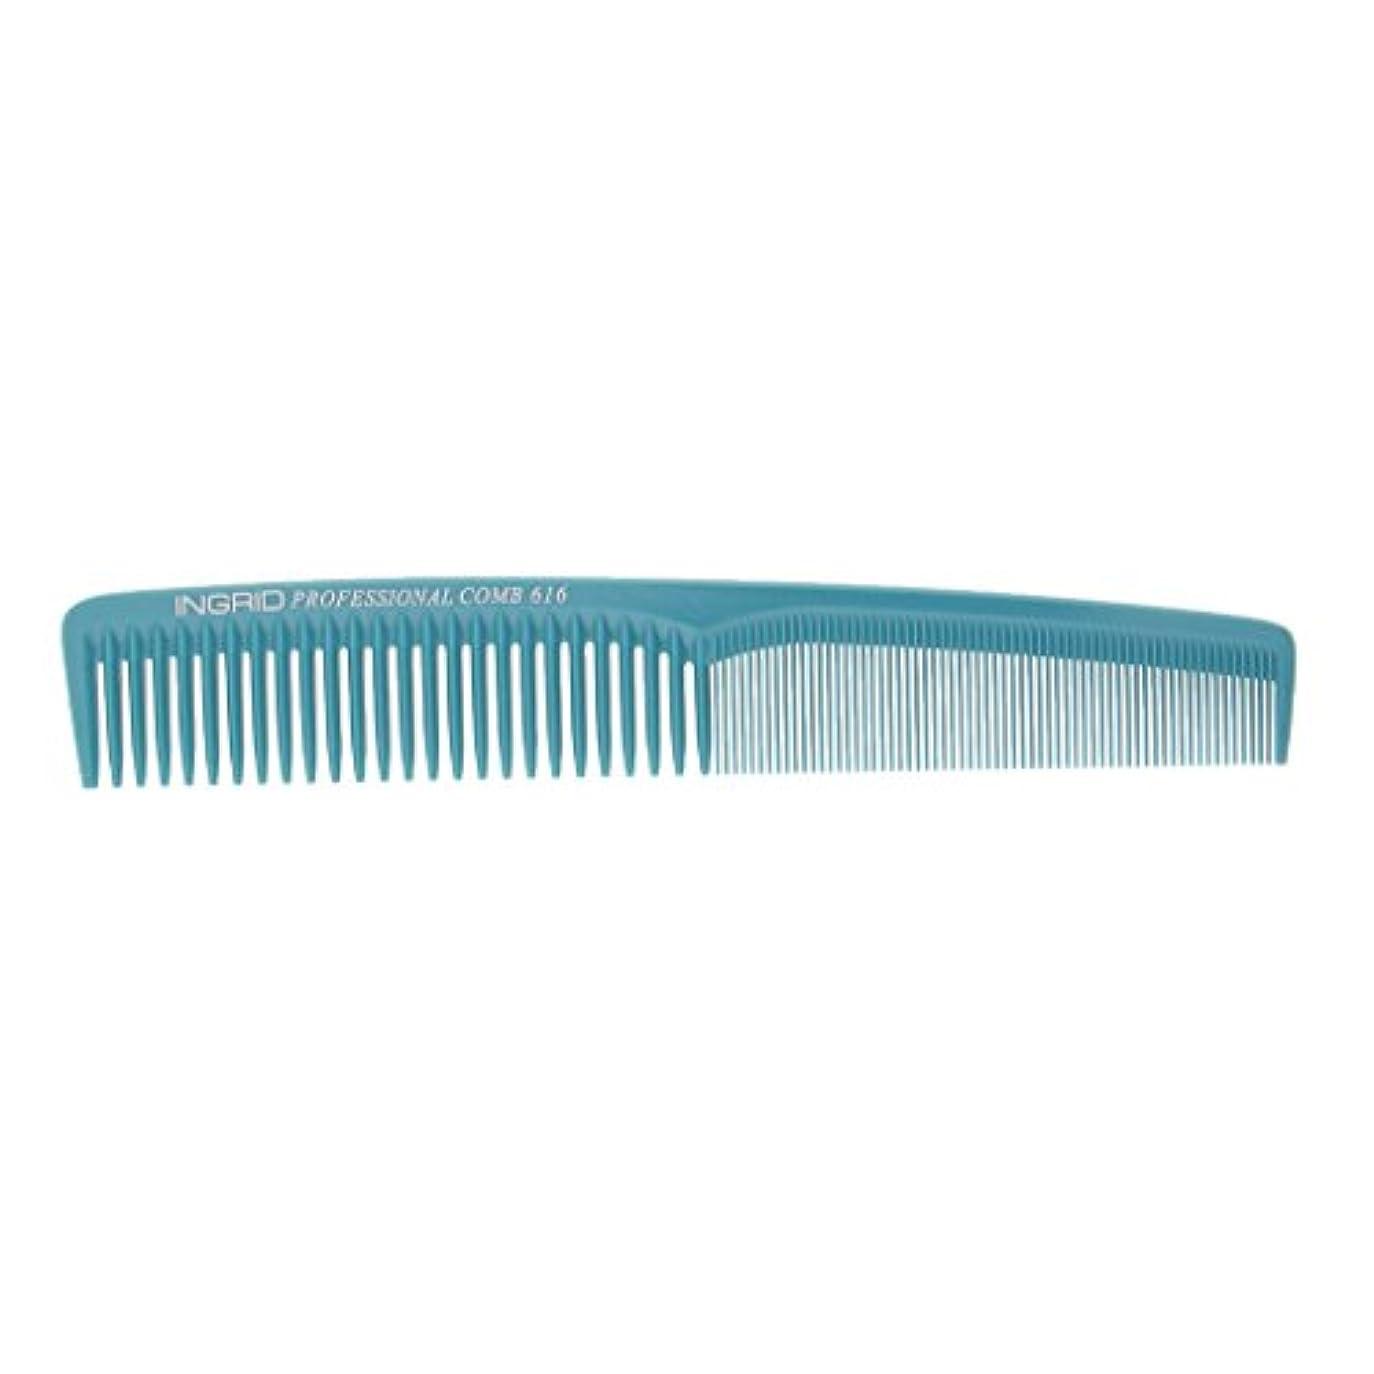 石炭最後に静かにFutuHome ファッショナブルなヘアカット理髪師美容院プラスチック製の櫛 - ライトブルー